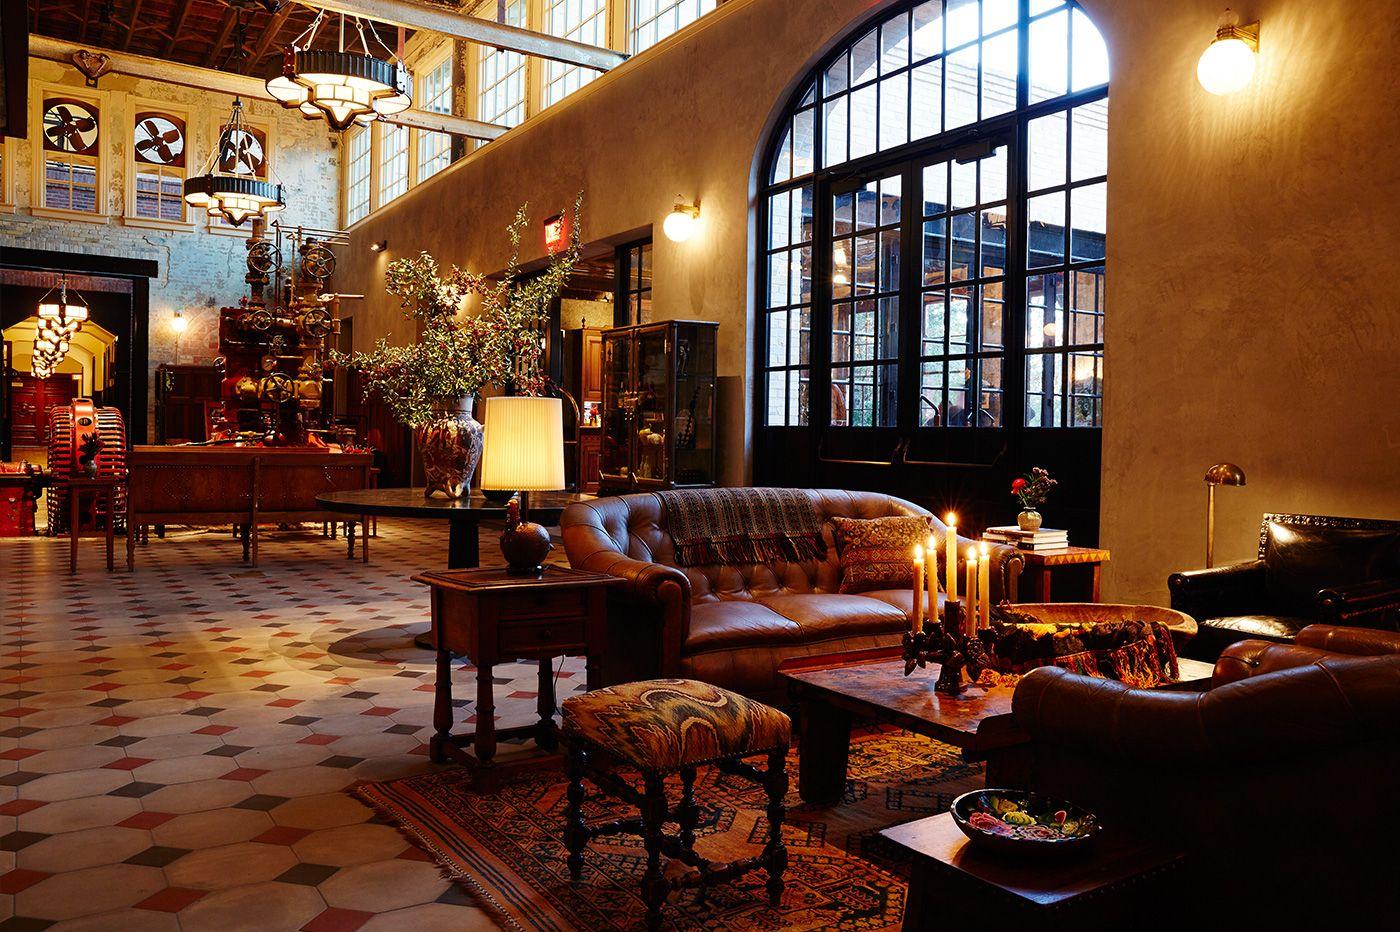 Visit Hotel Emma In San Antonio Texas Hotel Emma Features A